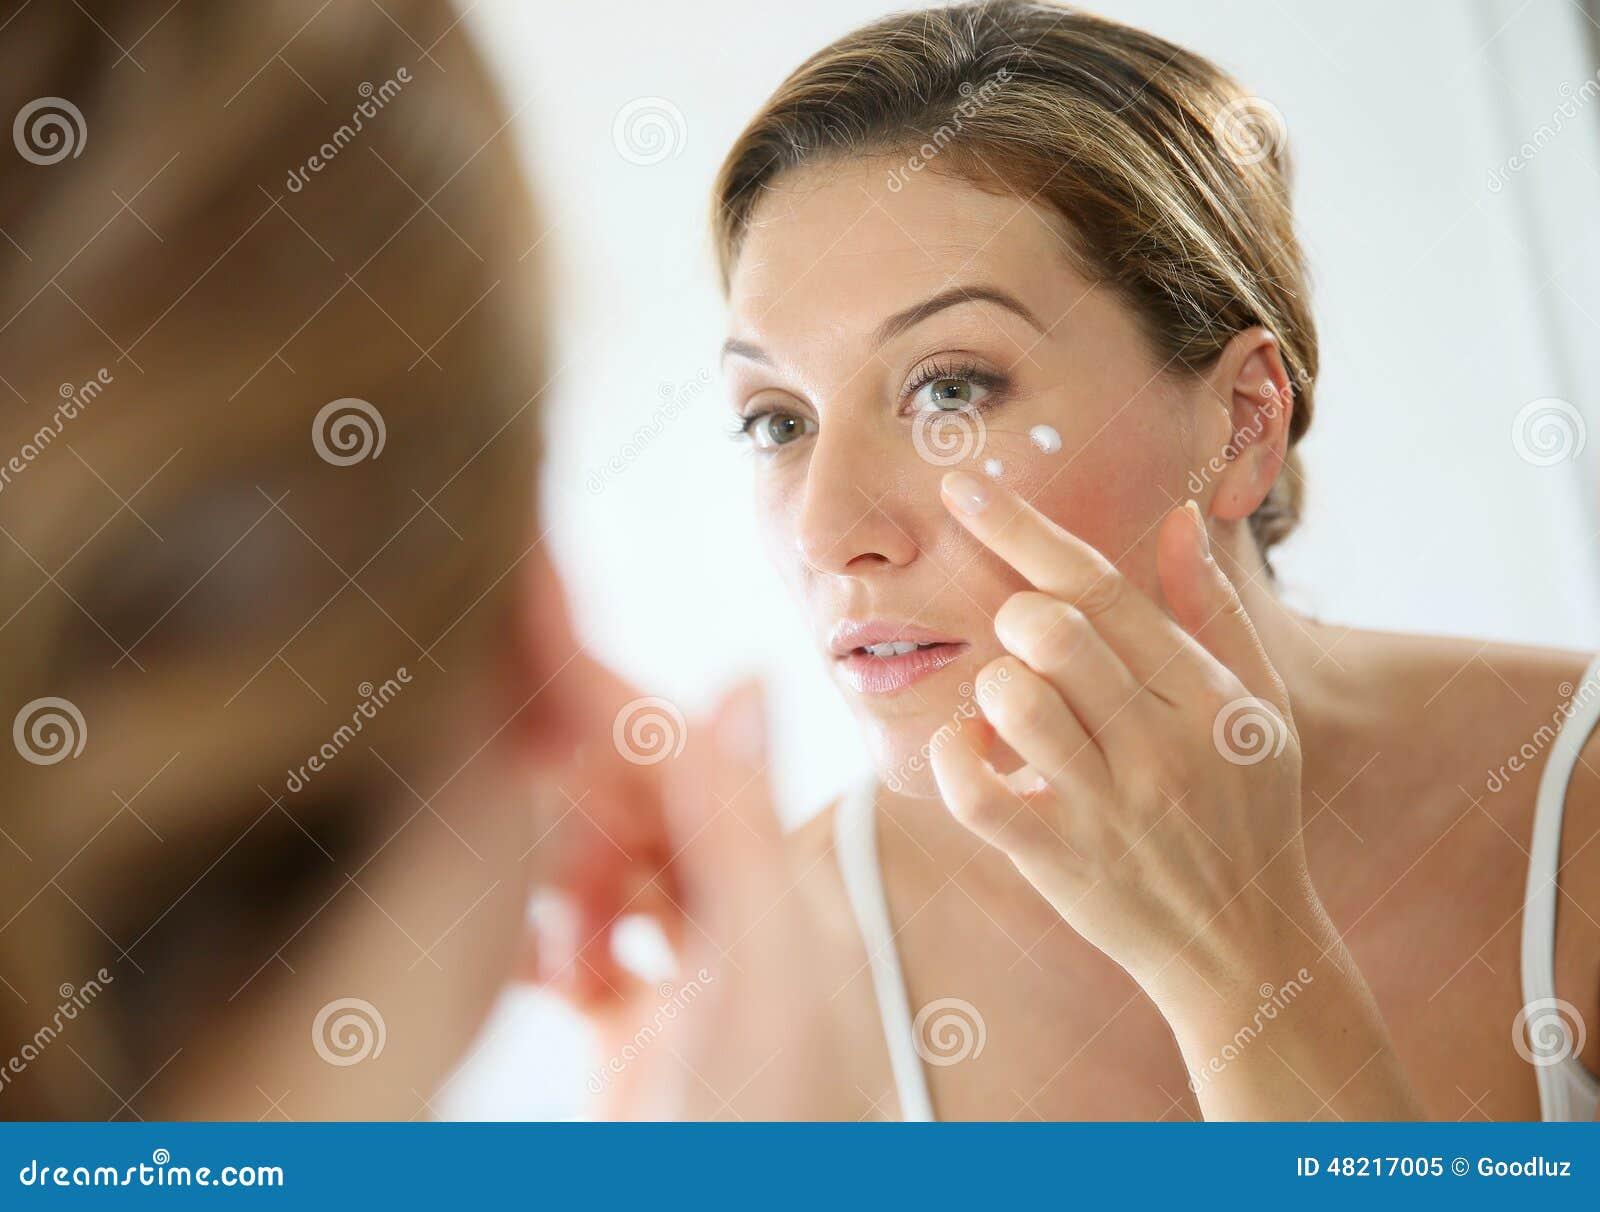 Stående av en kvinna i spegeln som applicerar en kräm